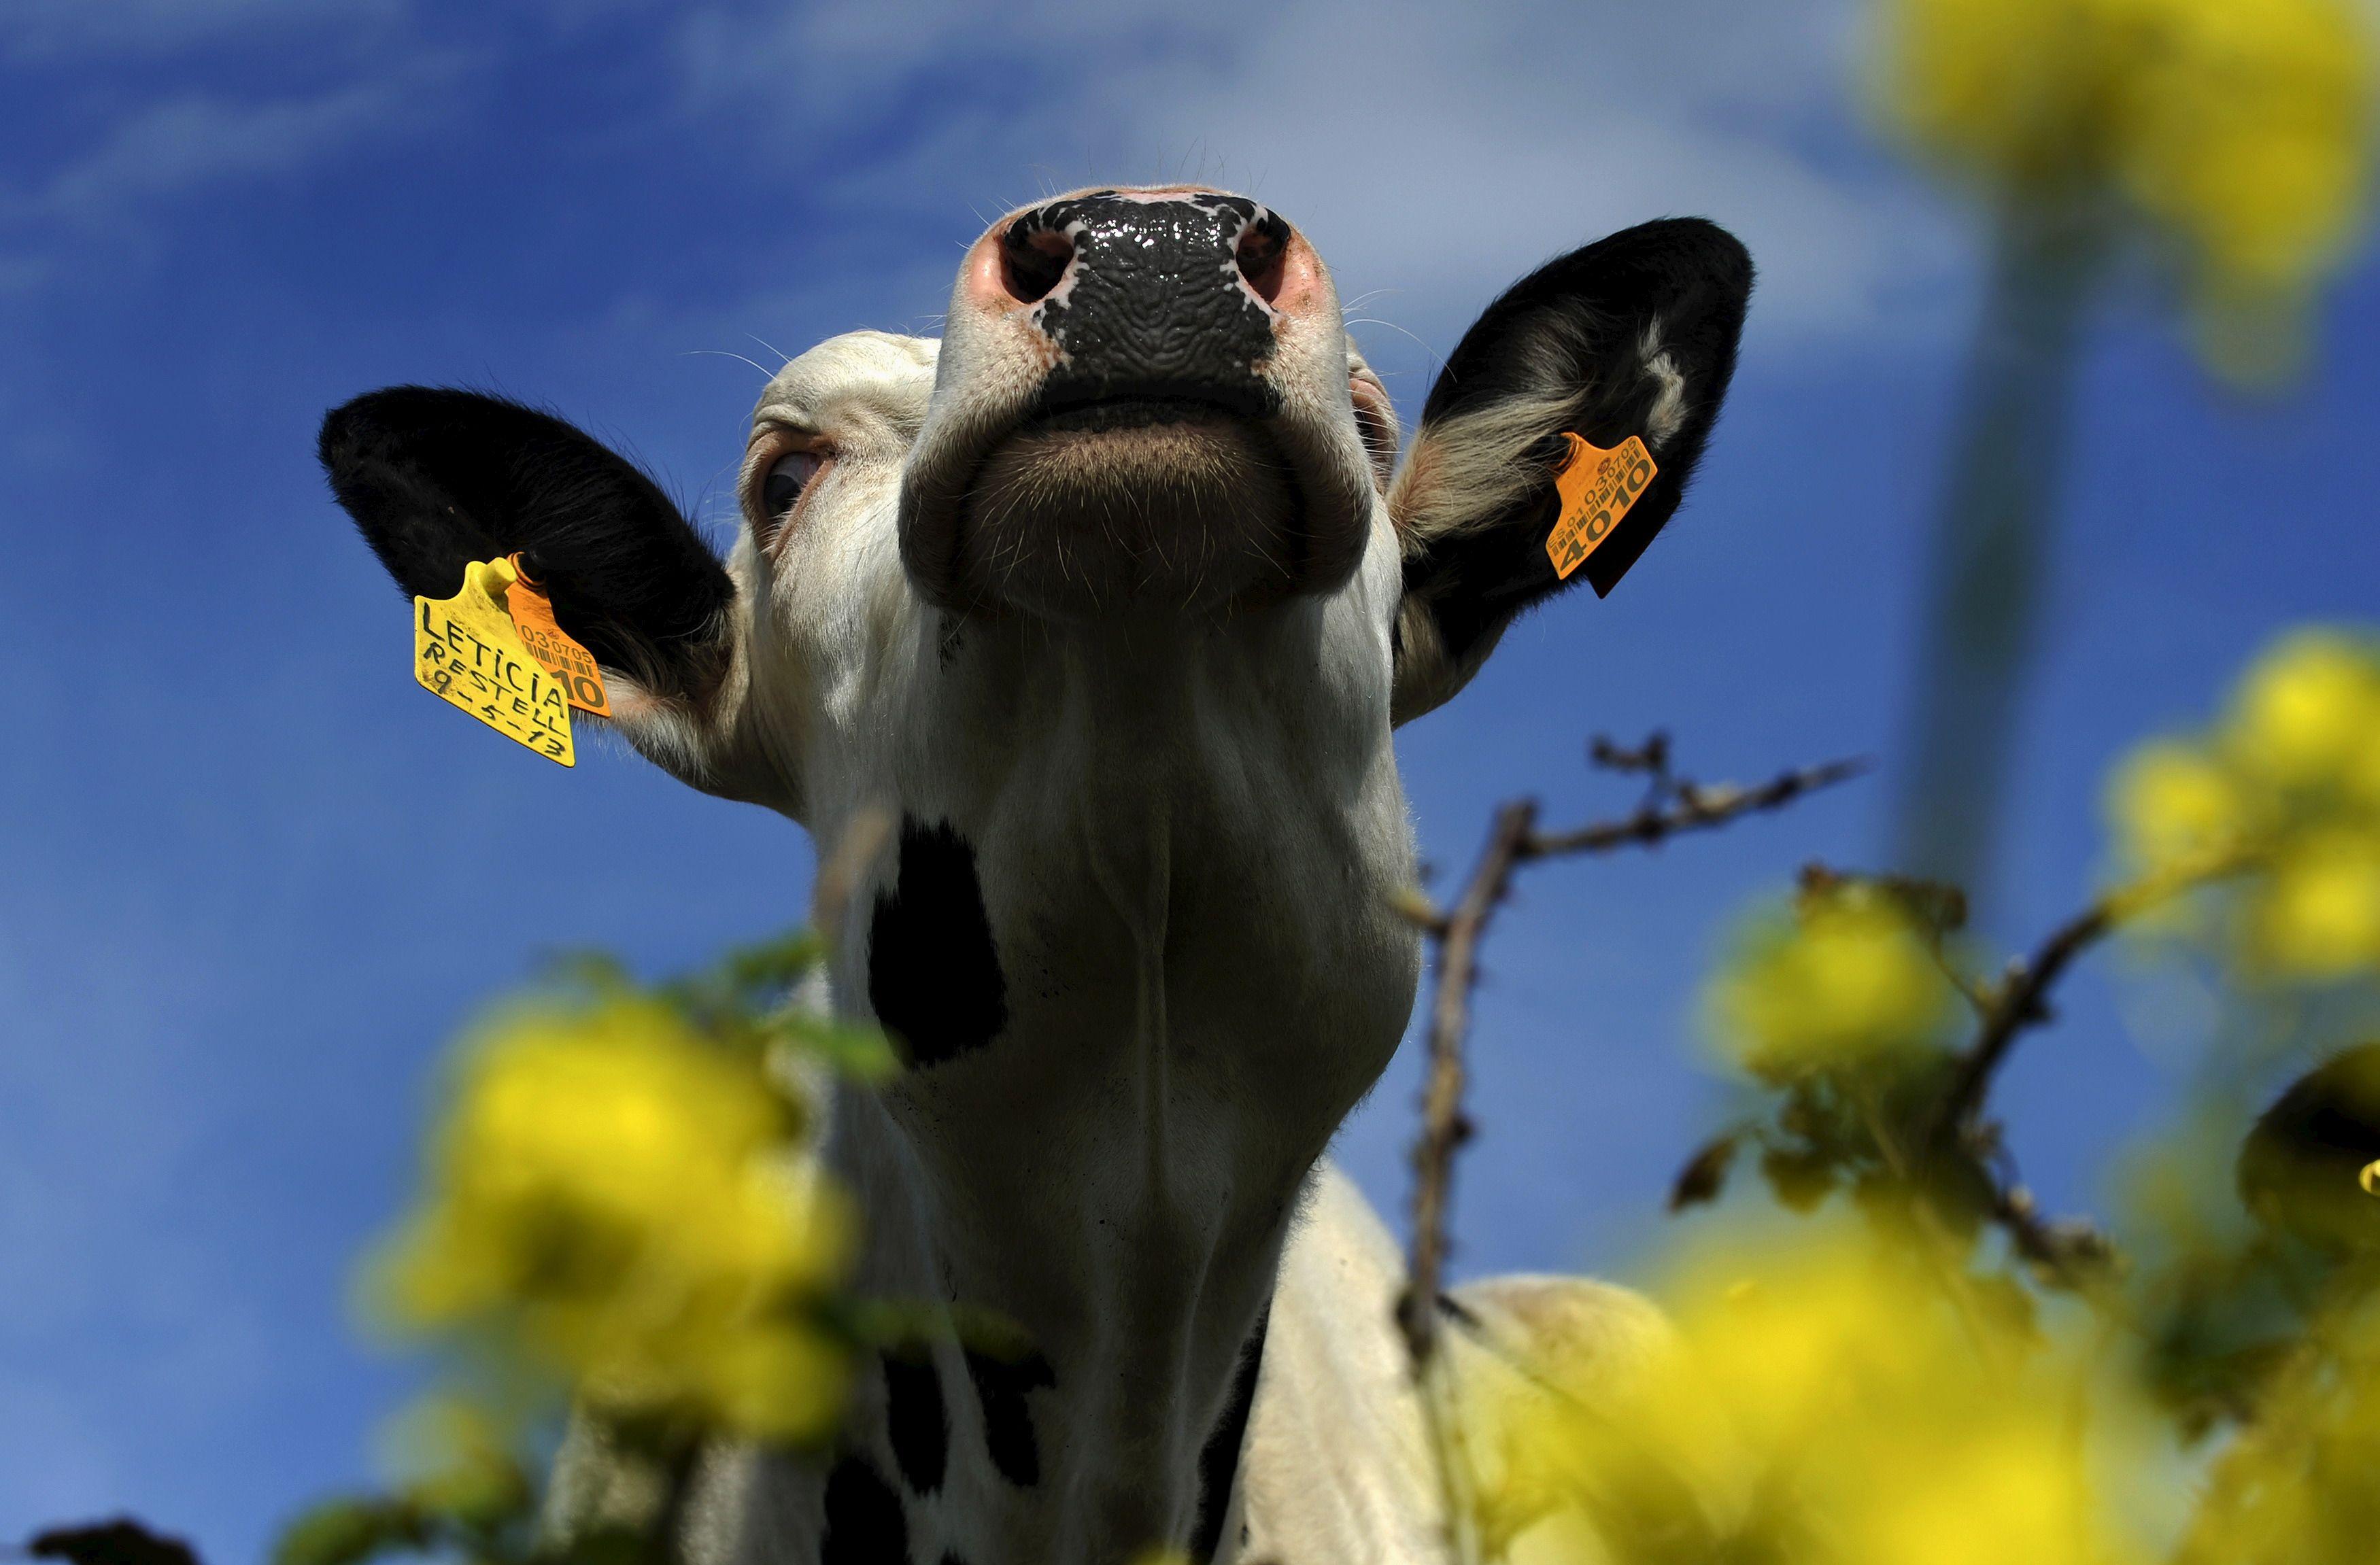 Crise agricole : pourquoi la baisse des charges décidée par le gouvernement ne sauvera pas plus l'élevage intensif français qu'on a sauvé la sidérurgie lorraine